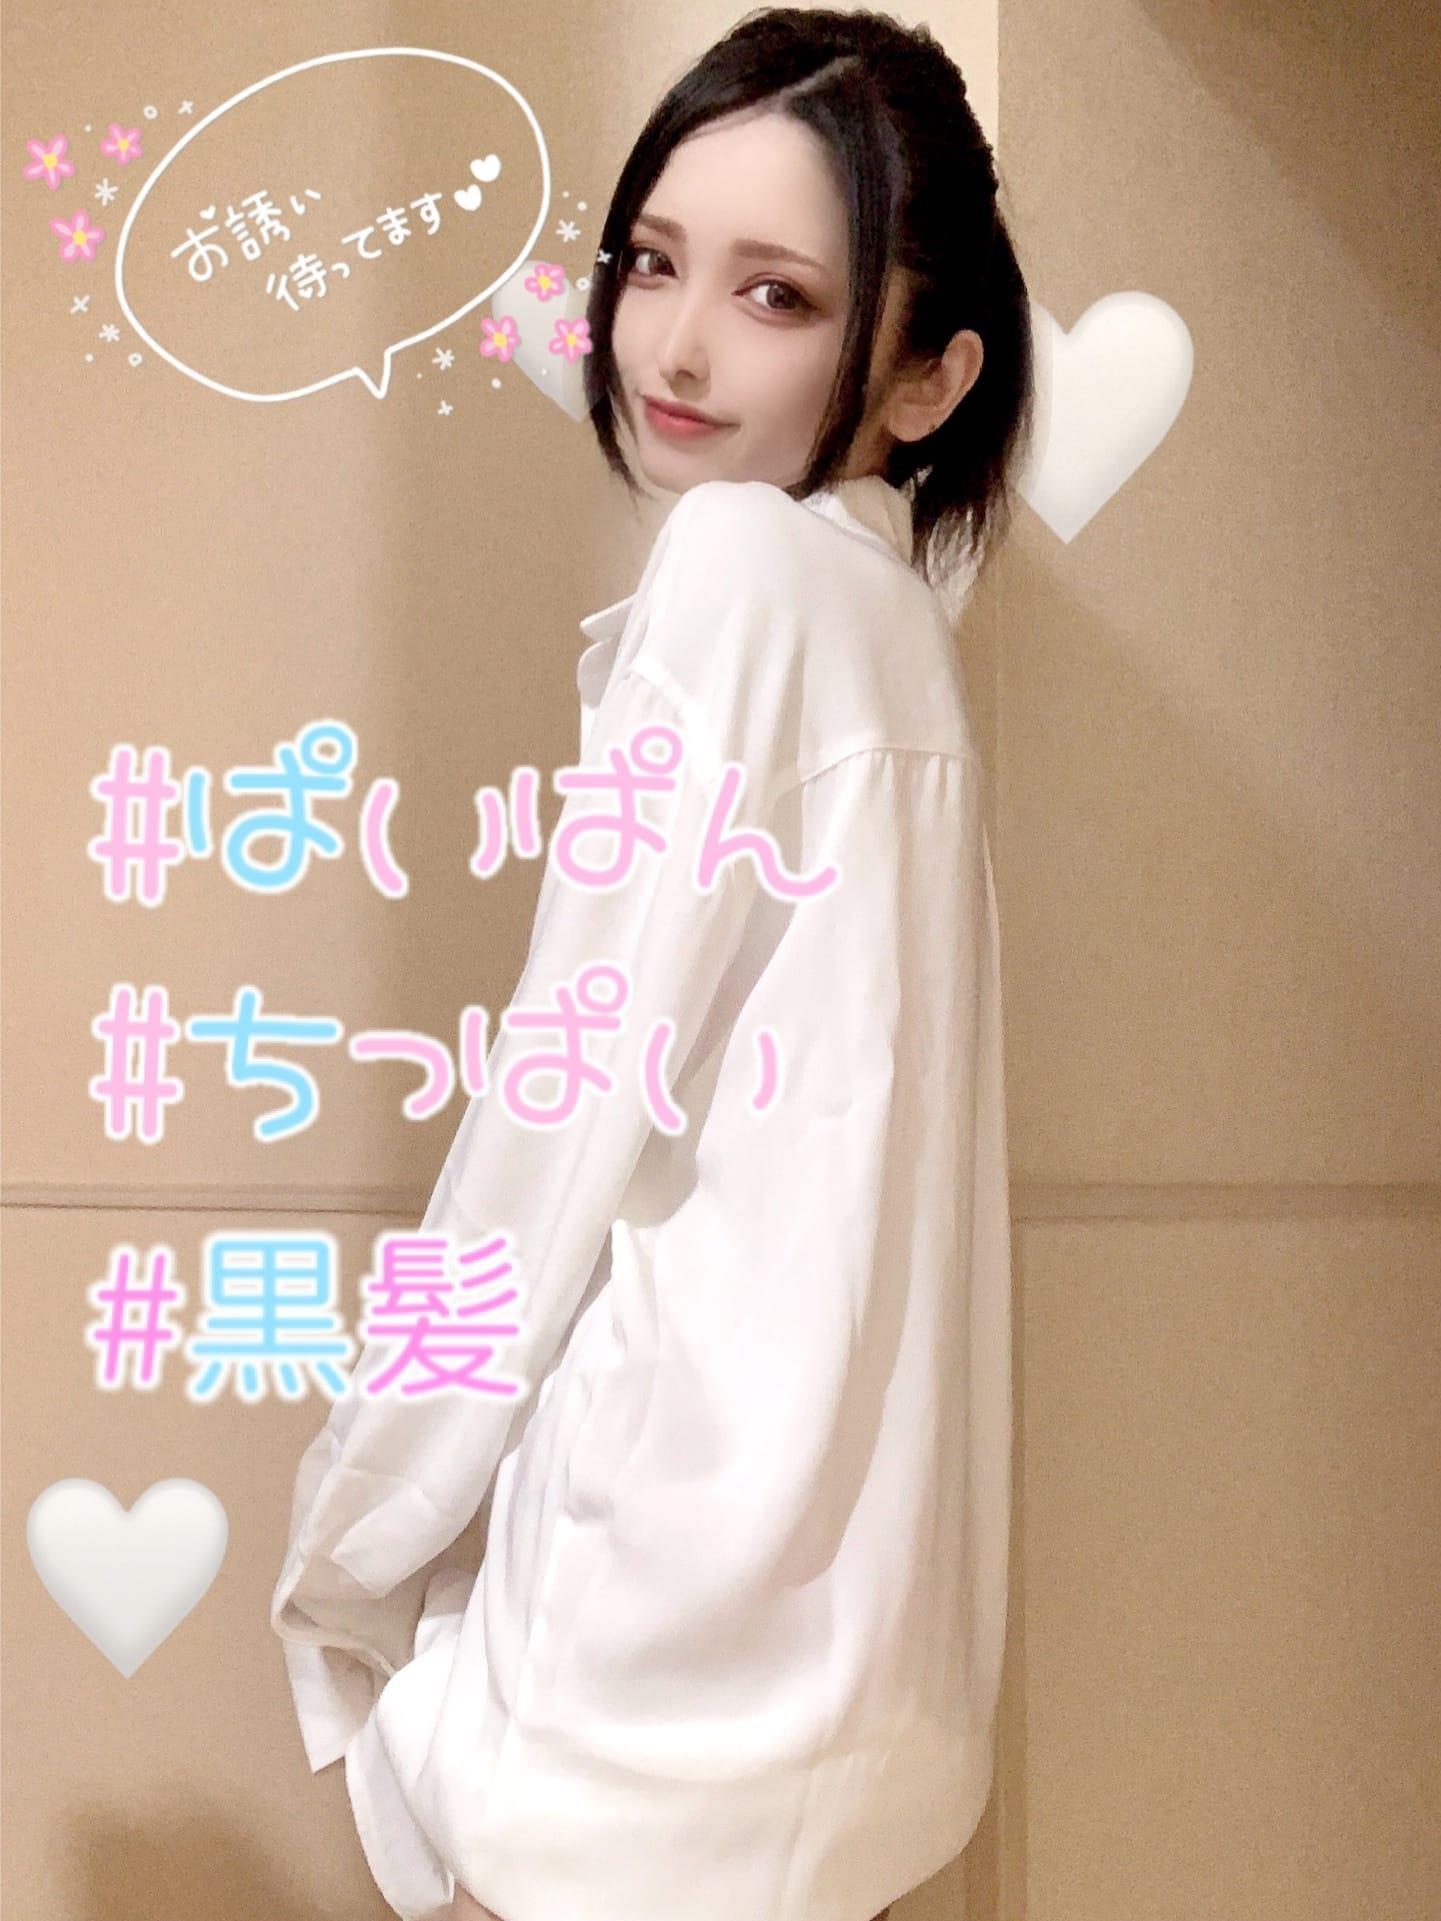 クレア♡SS級美少女(ジュエリー)のプロフ写真3枚目